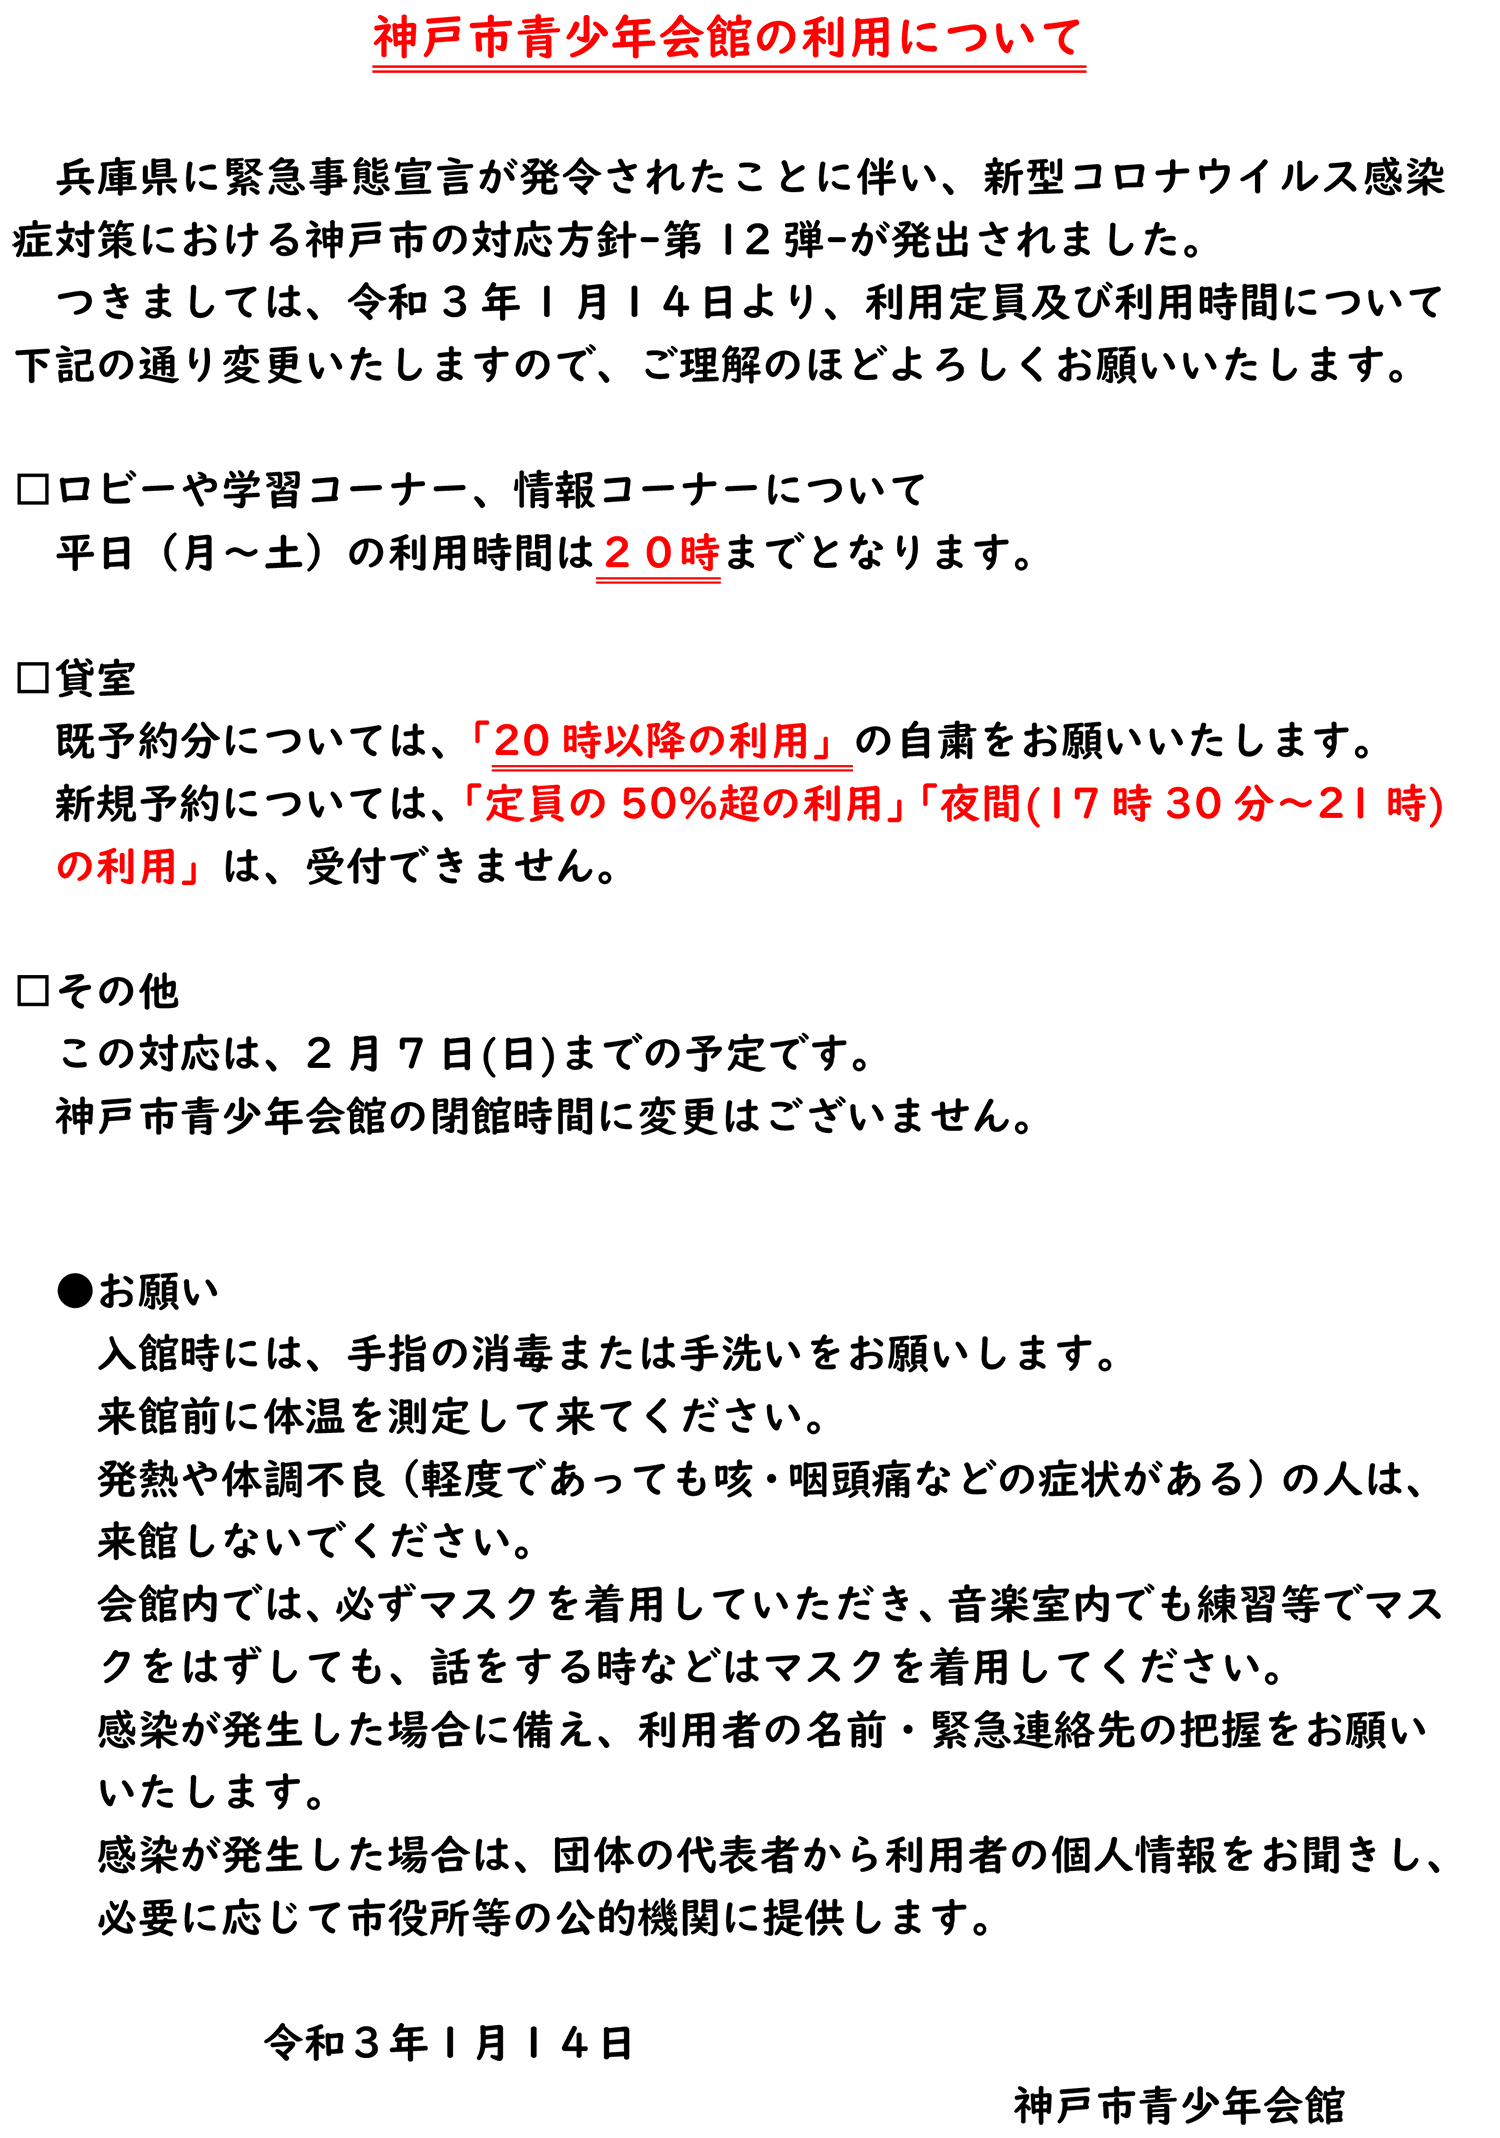 ウイルス コロナ 神戸 市